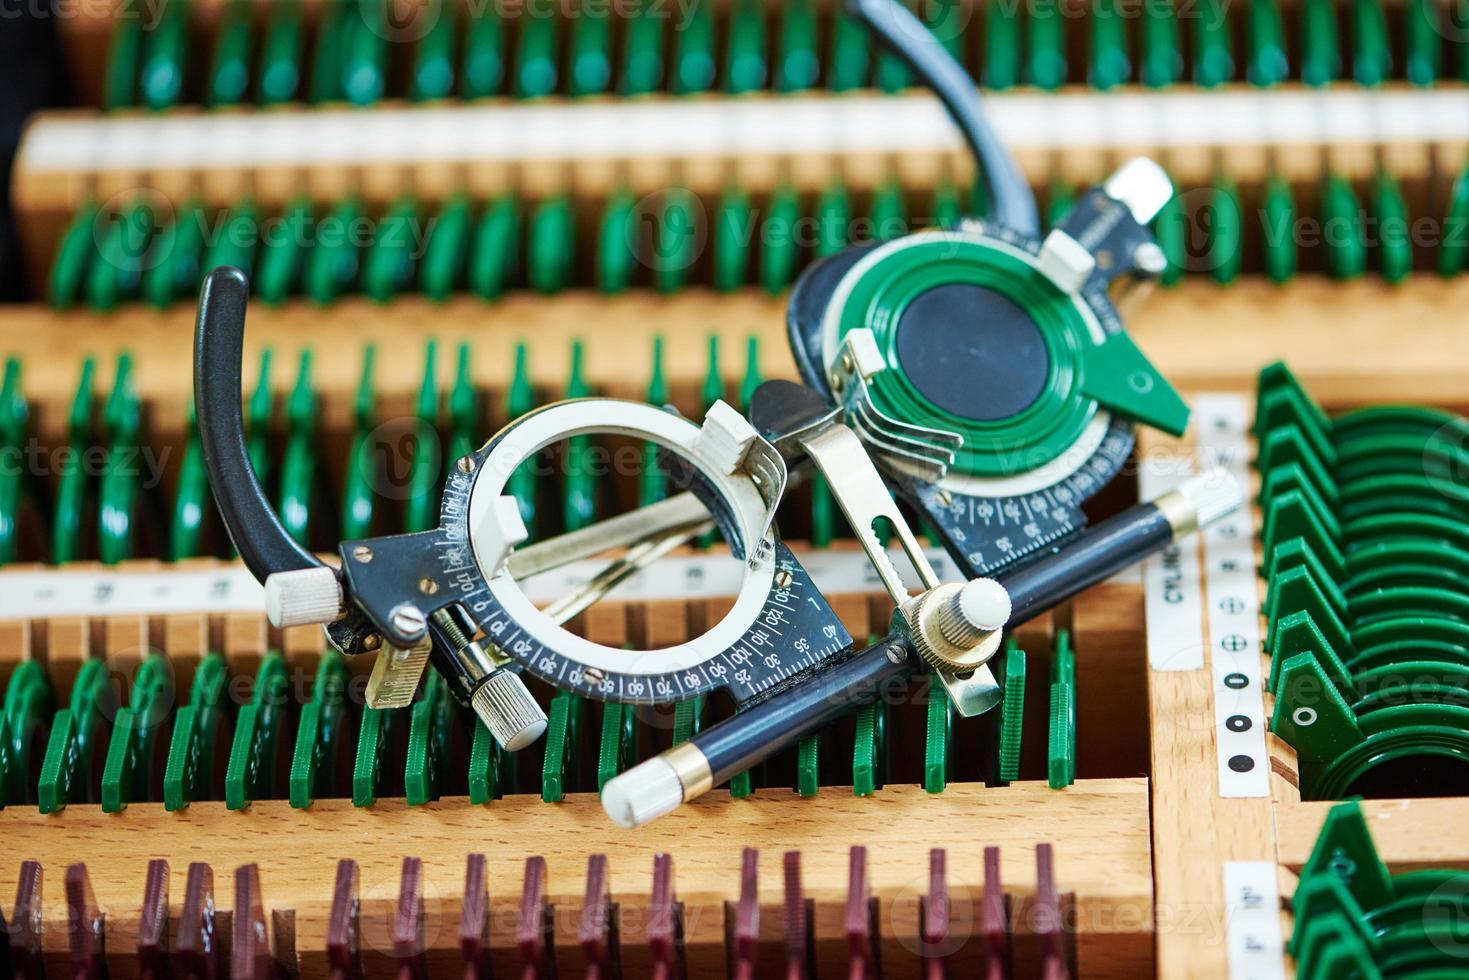 testglasögonphoropter för synundersökningar foto